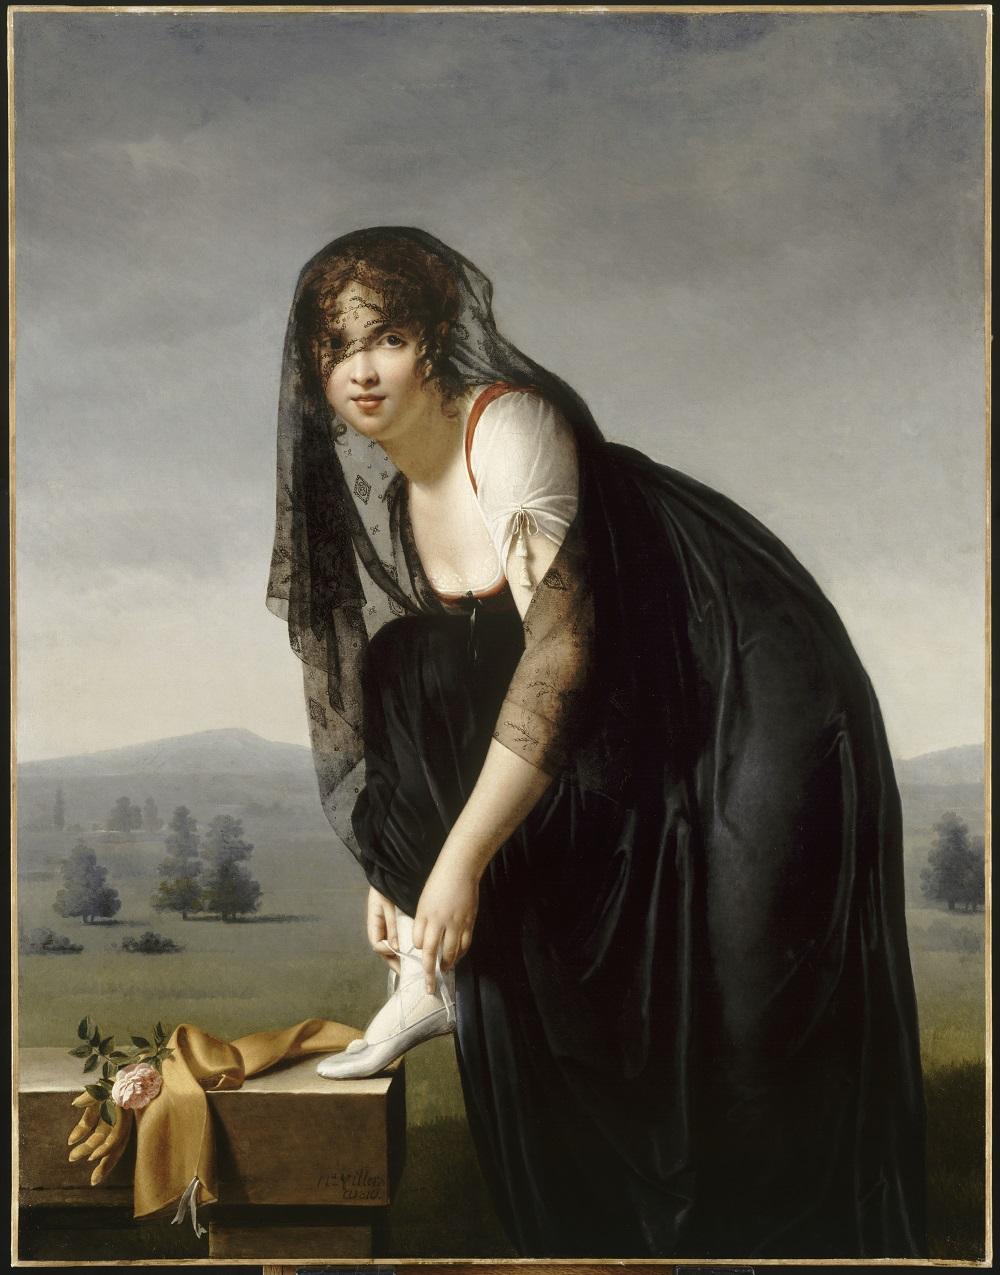 Exposition : Peintres femmes 1780-1830, naissance d'un combat. Au musée du Luxembourg Paris Nisa_v10